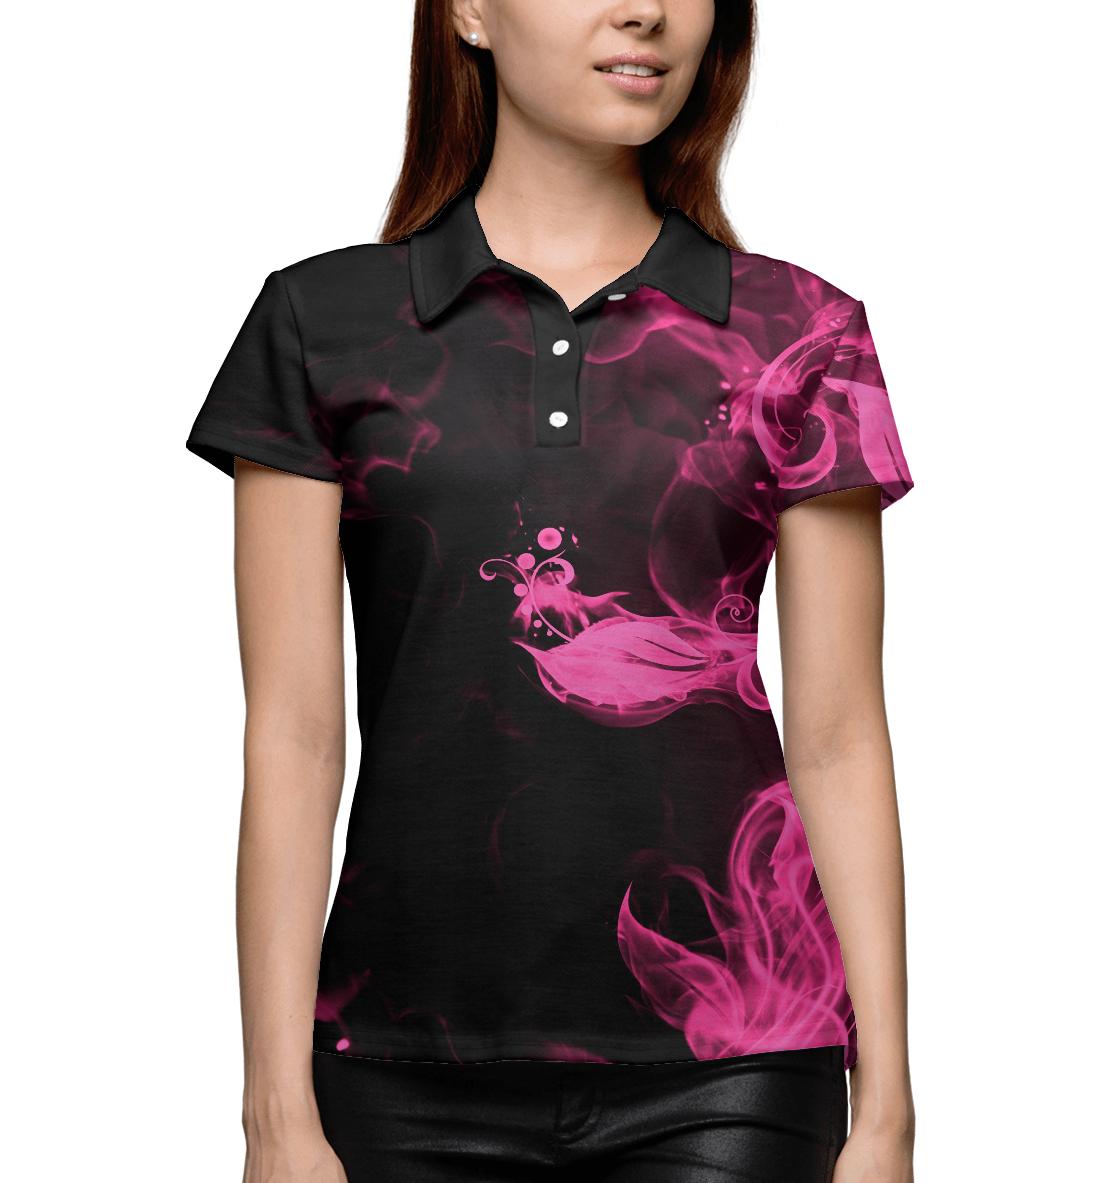 Купить Розовый огонь, Printbar, Поло, APD-897241-pol-1